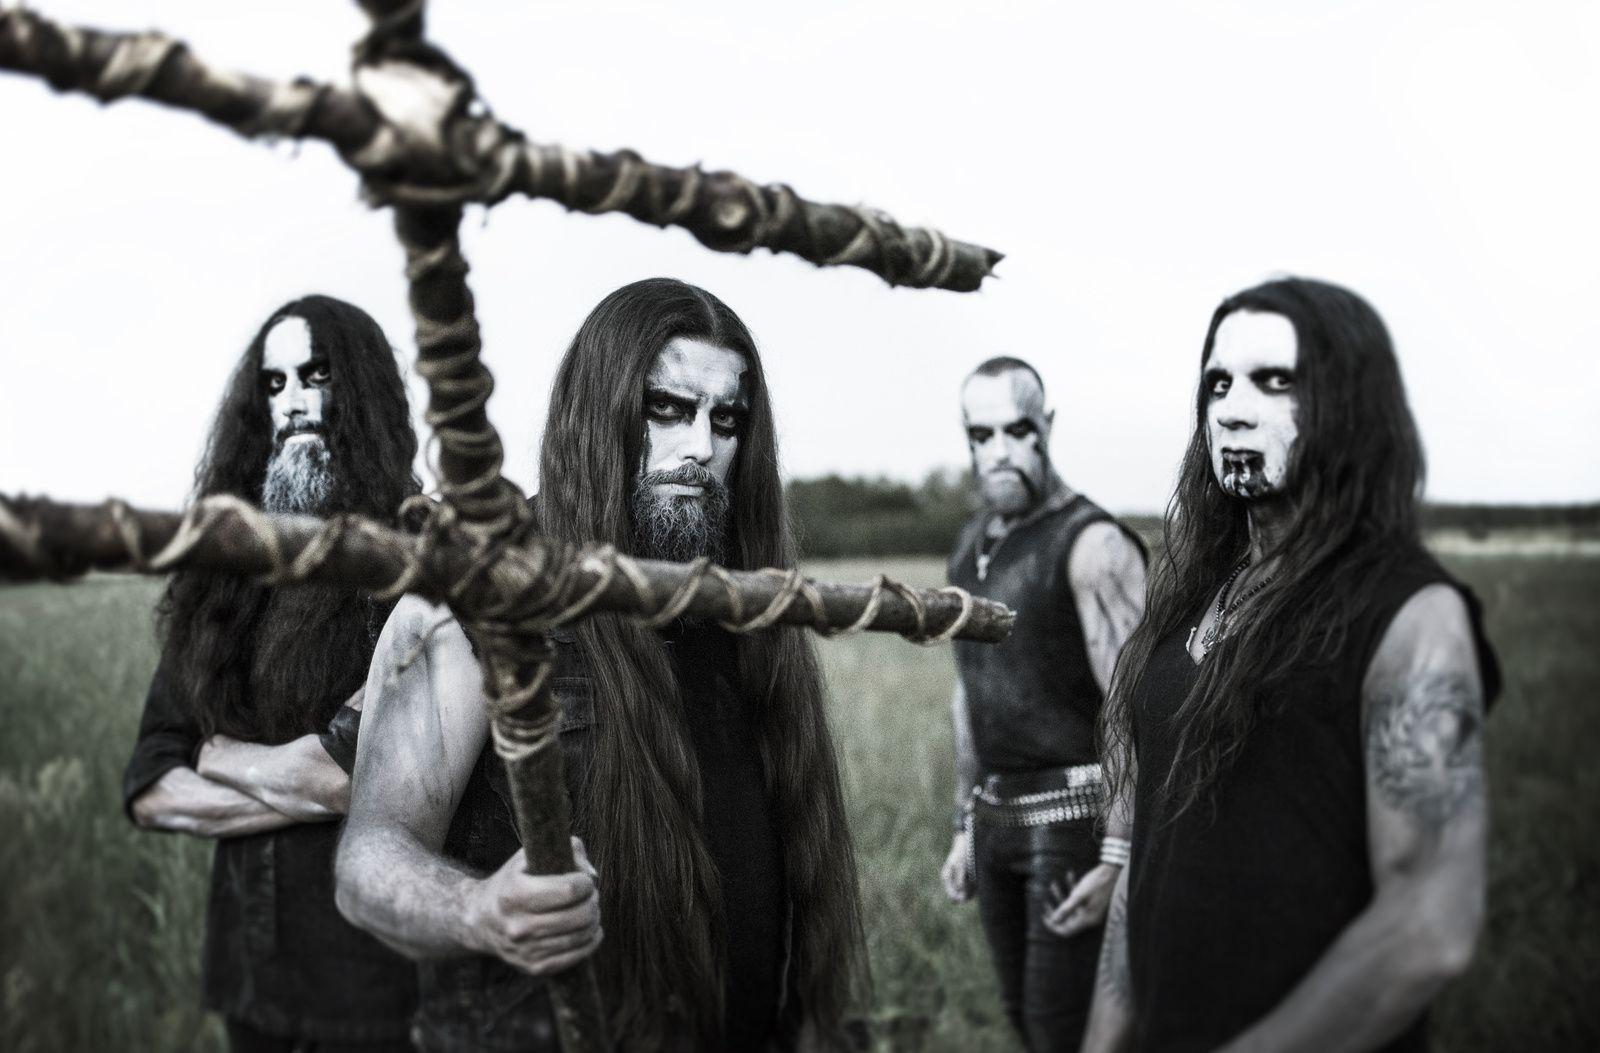 Chronique de HATE -  Auric Gates of veles - Sortie chez Metal Blade Records le 14 juin 2019